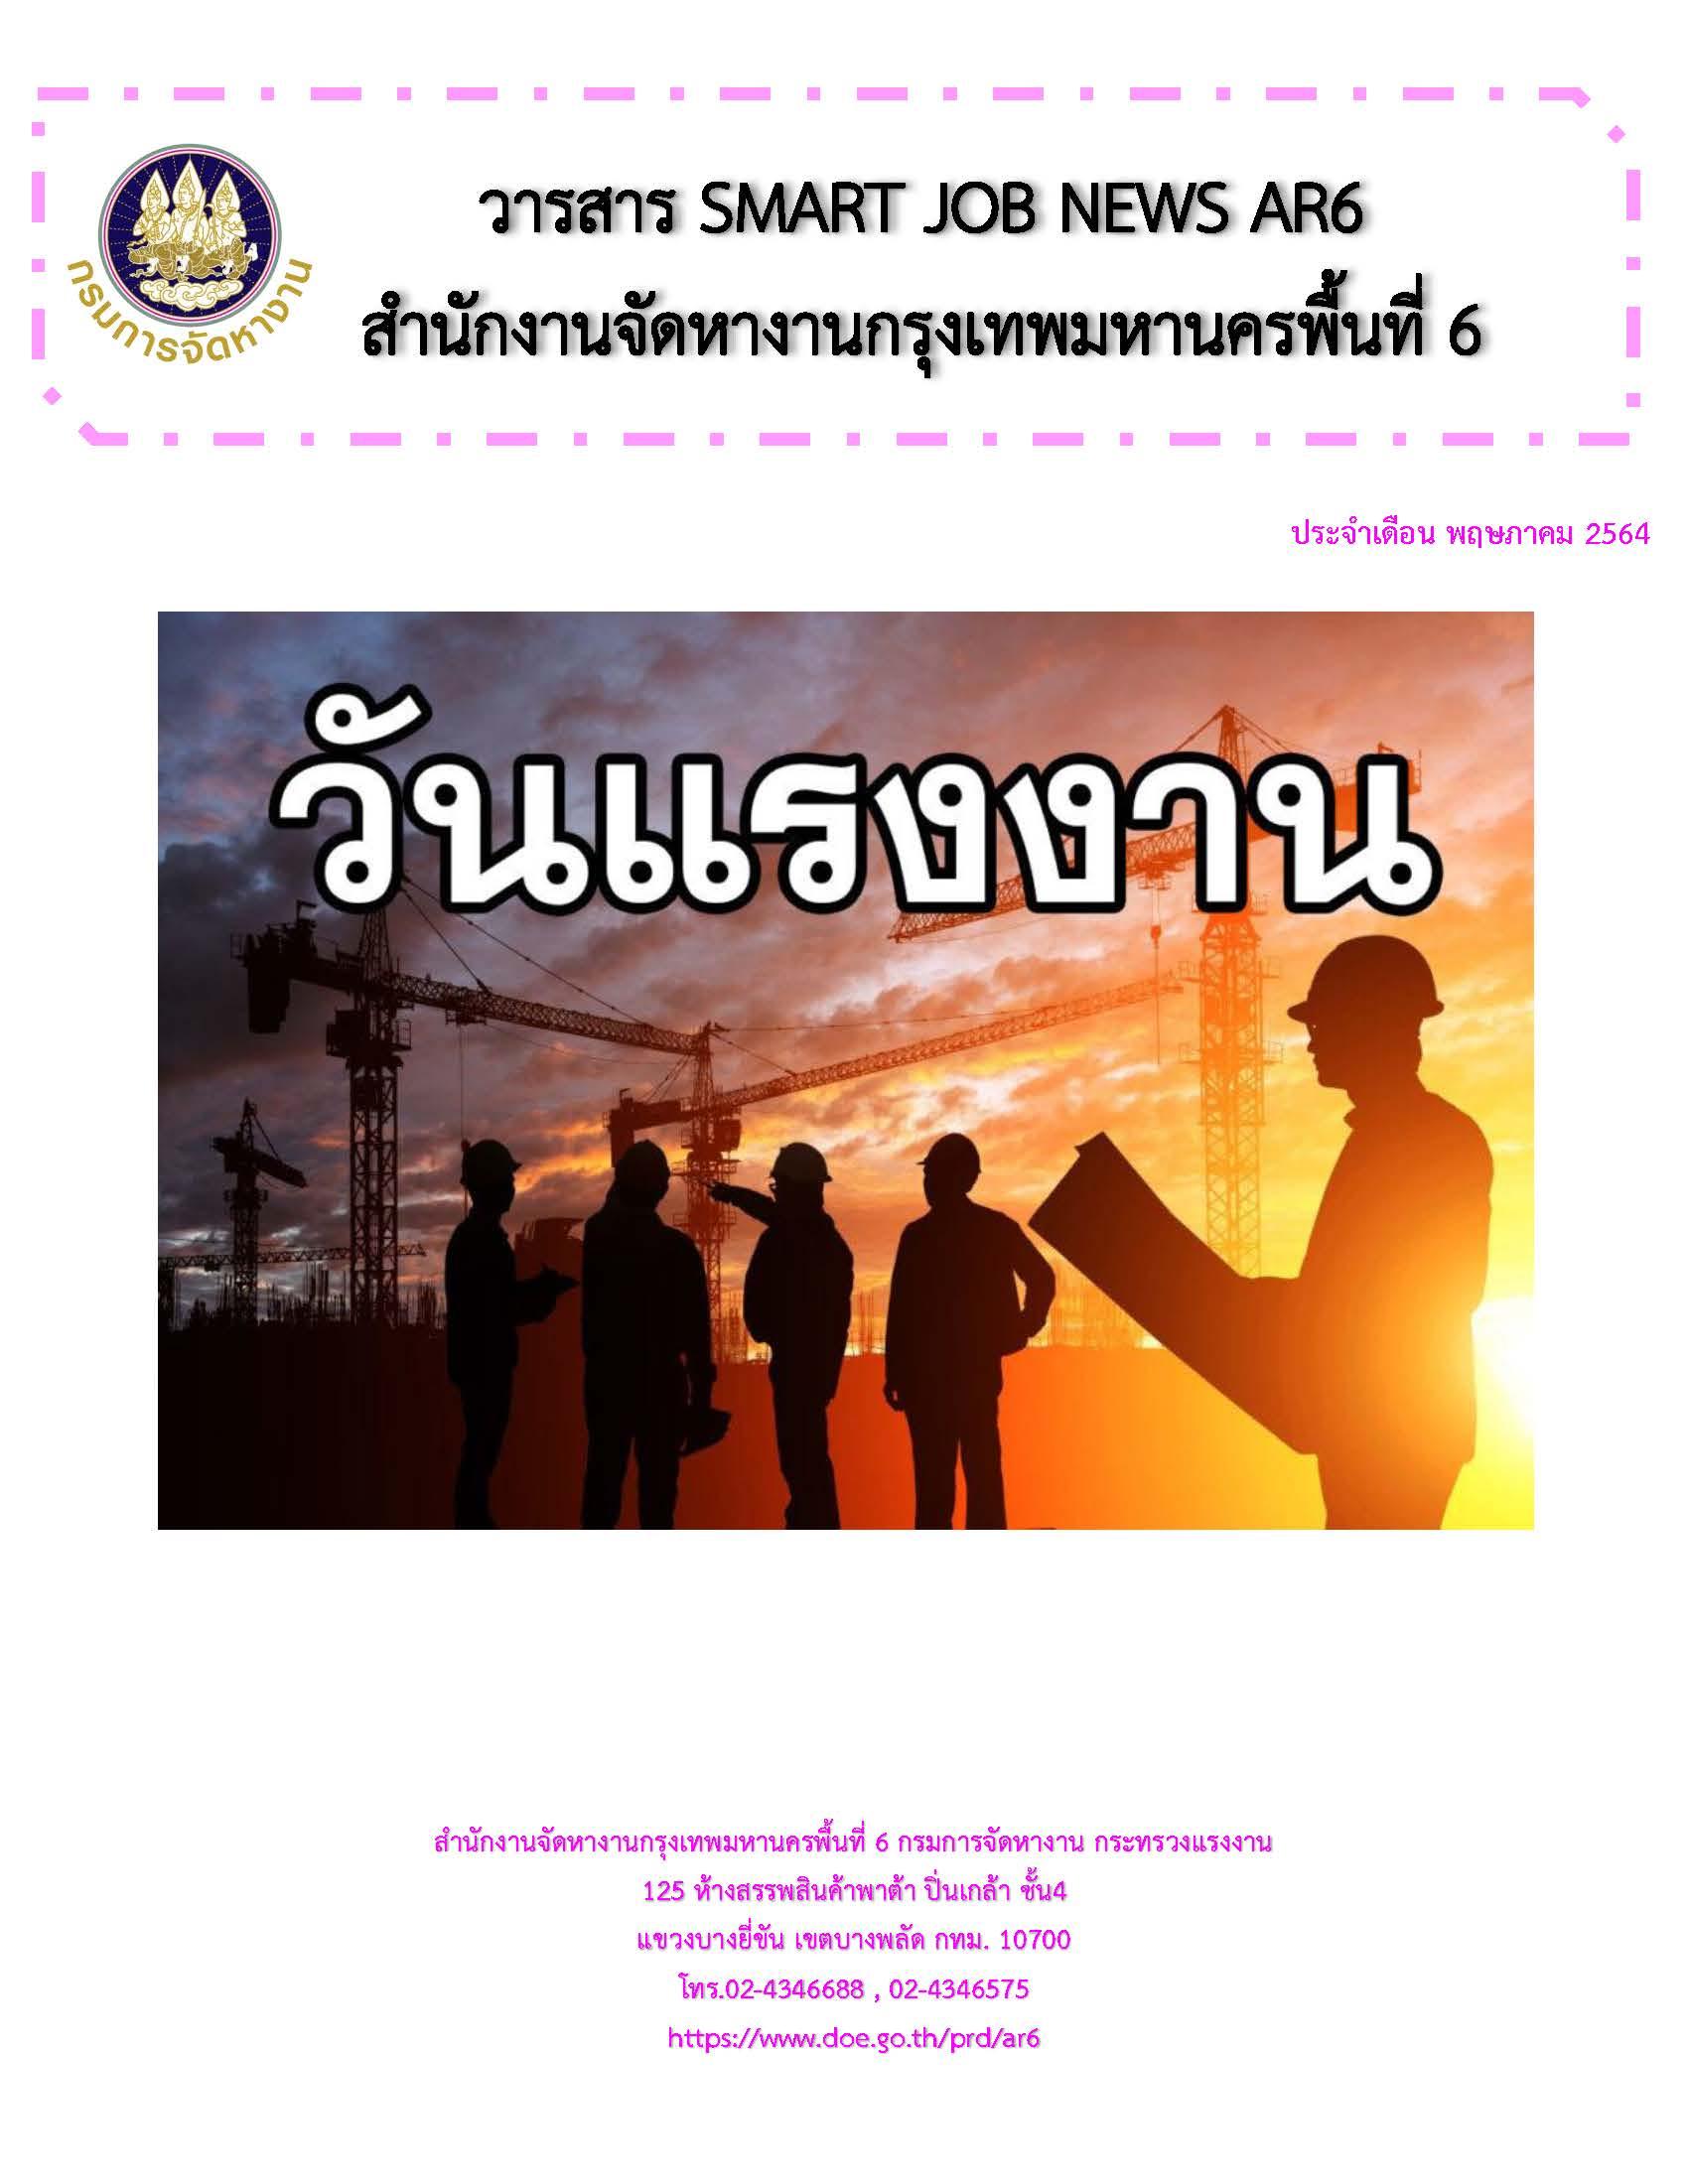 วารสารสถานการณ์ตลาดแรงงาน ประจำเดือน พ.ค.2564